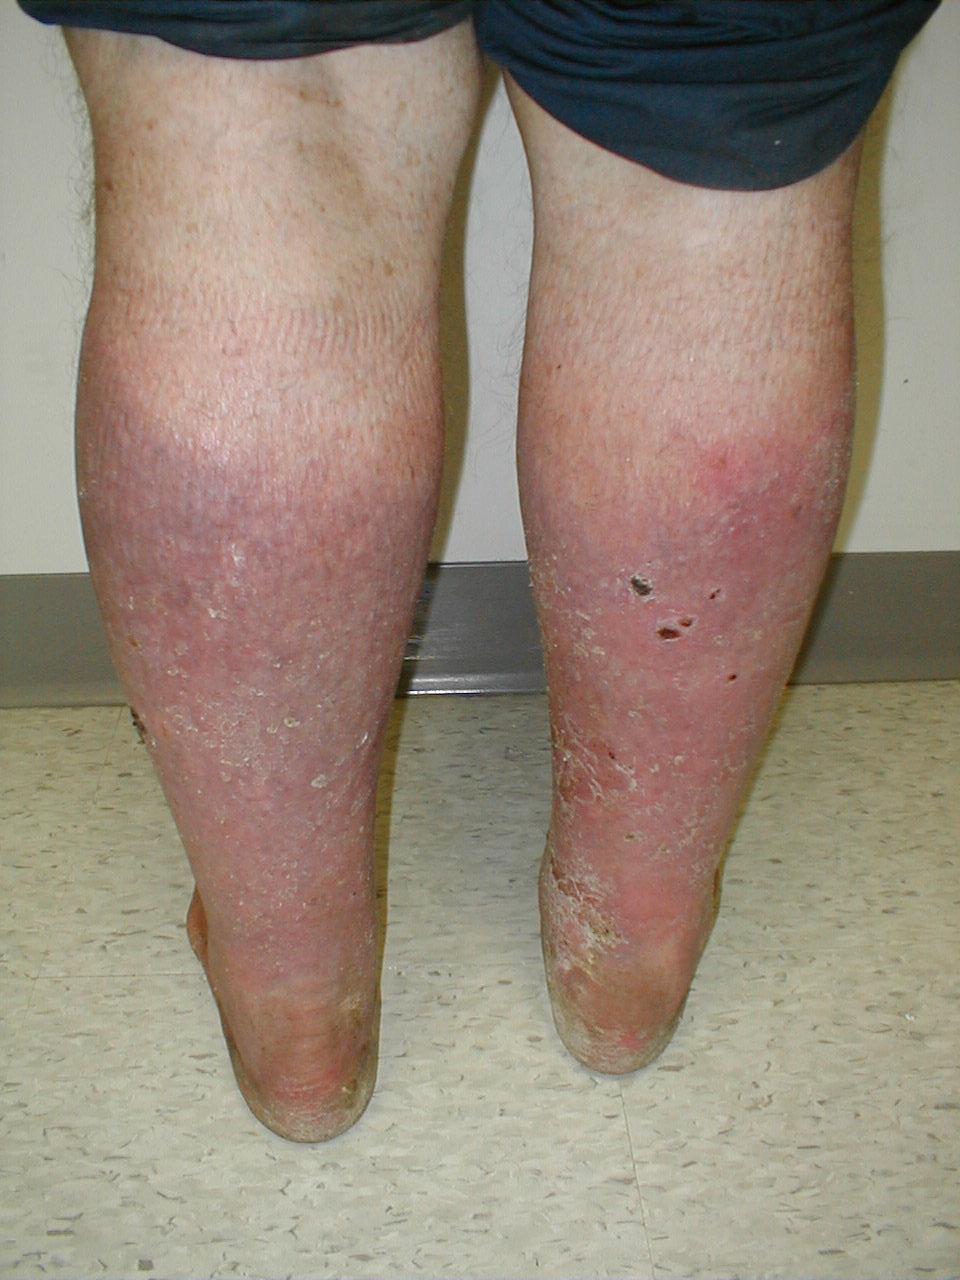 piernas con insuficiencia vascular crónica